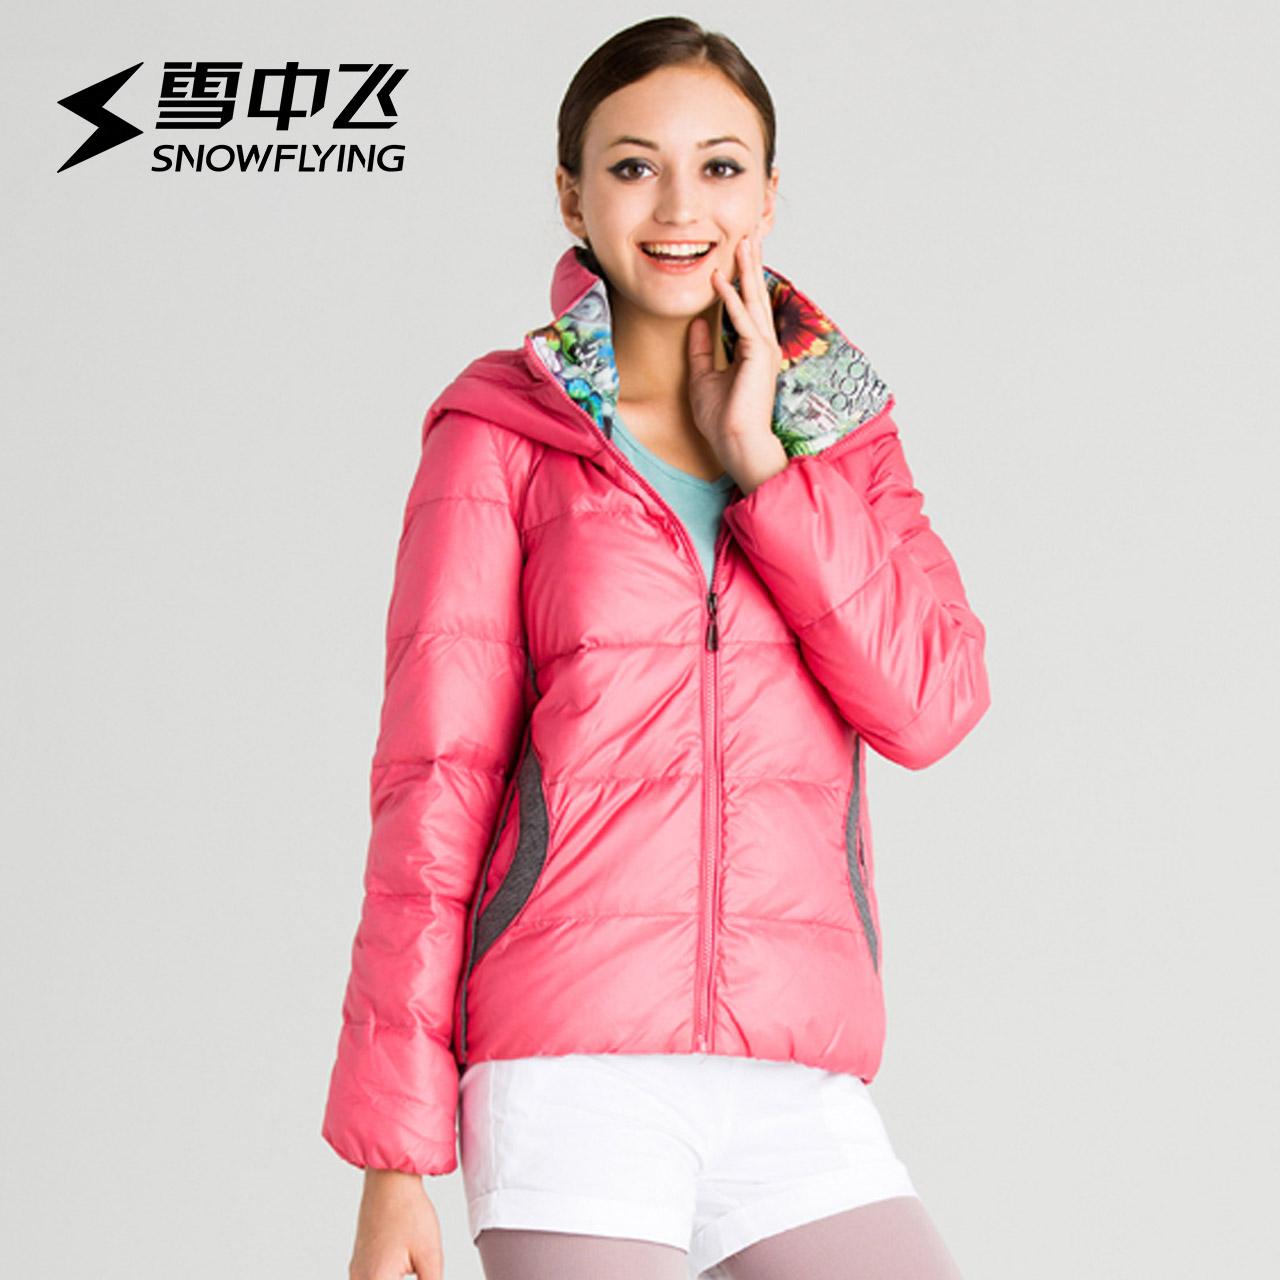 反季特卖: SNOW FLYING 雪中飞 X1201026 女士羽绒服